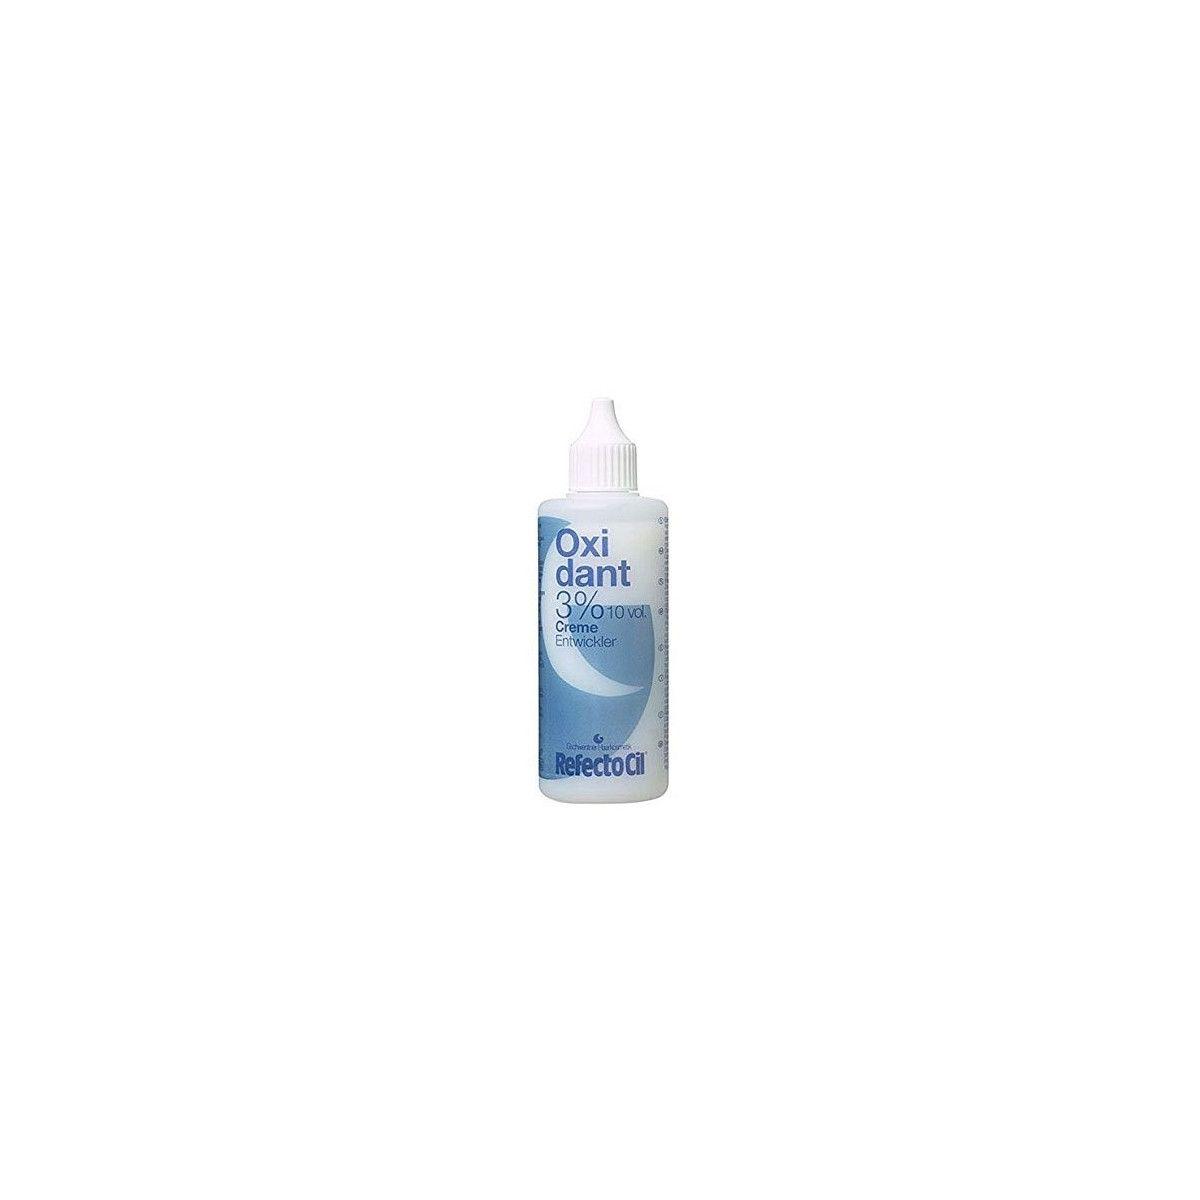 RefectoCil Oxidant Creme 3%, woda utleniająca henne 100ml